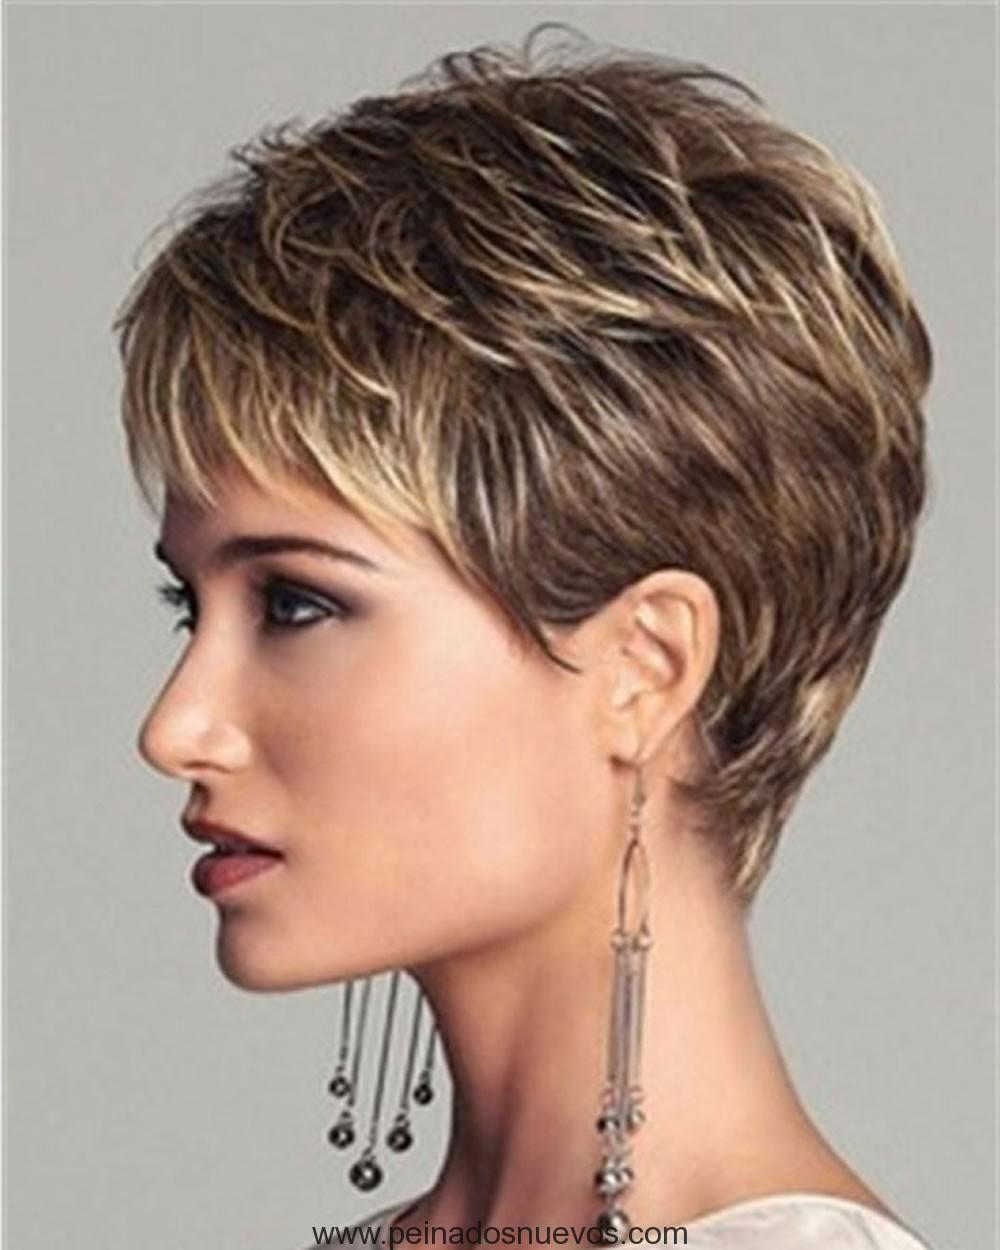 Pin En Nuevos Modelos De Cabello New Hair Models